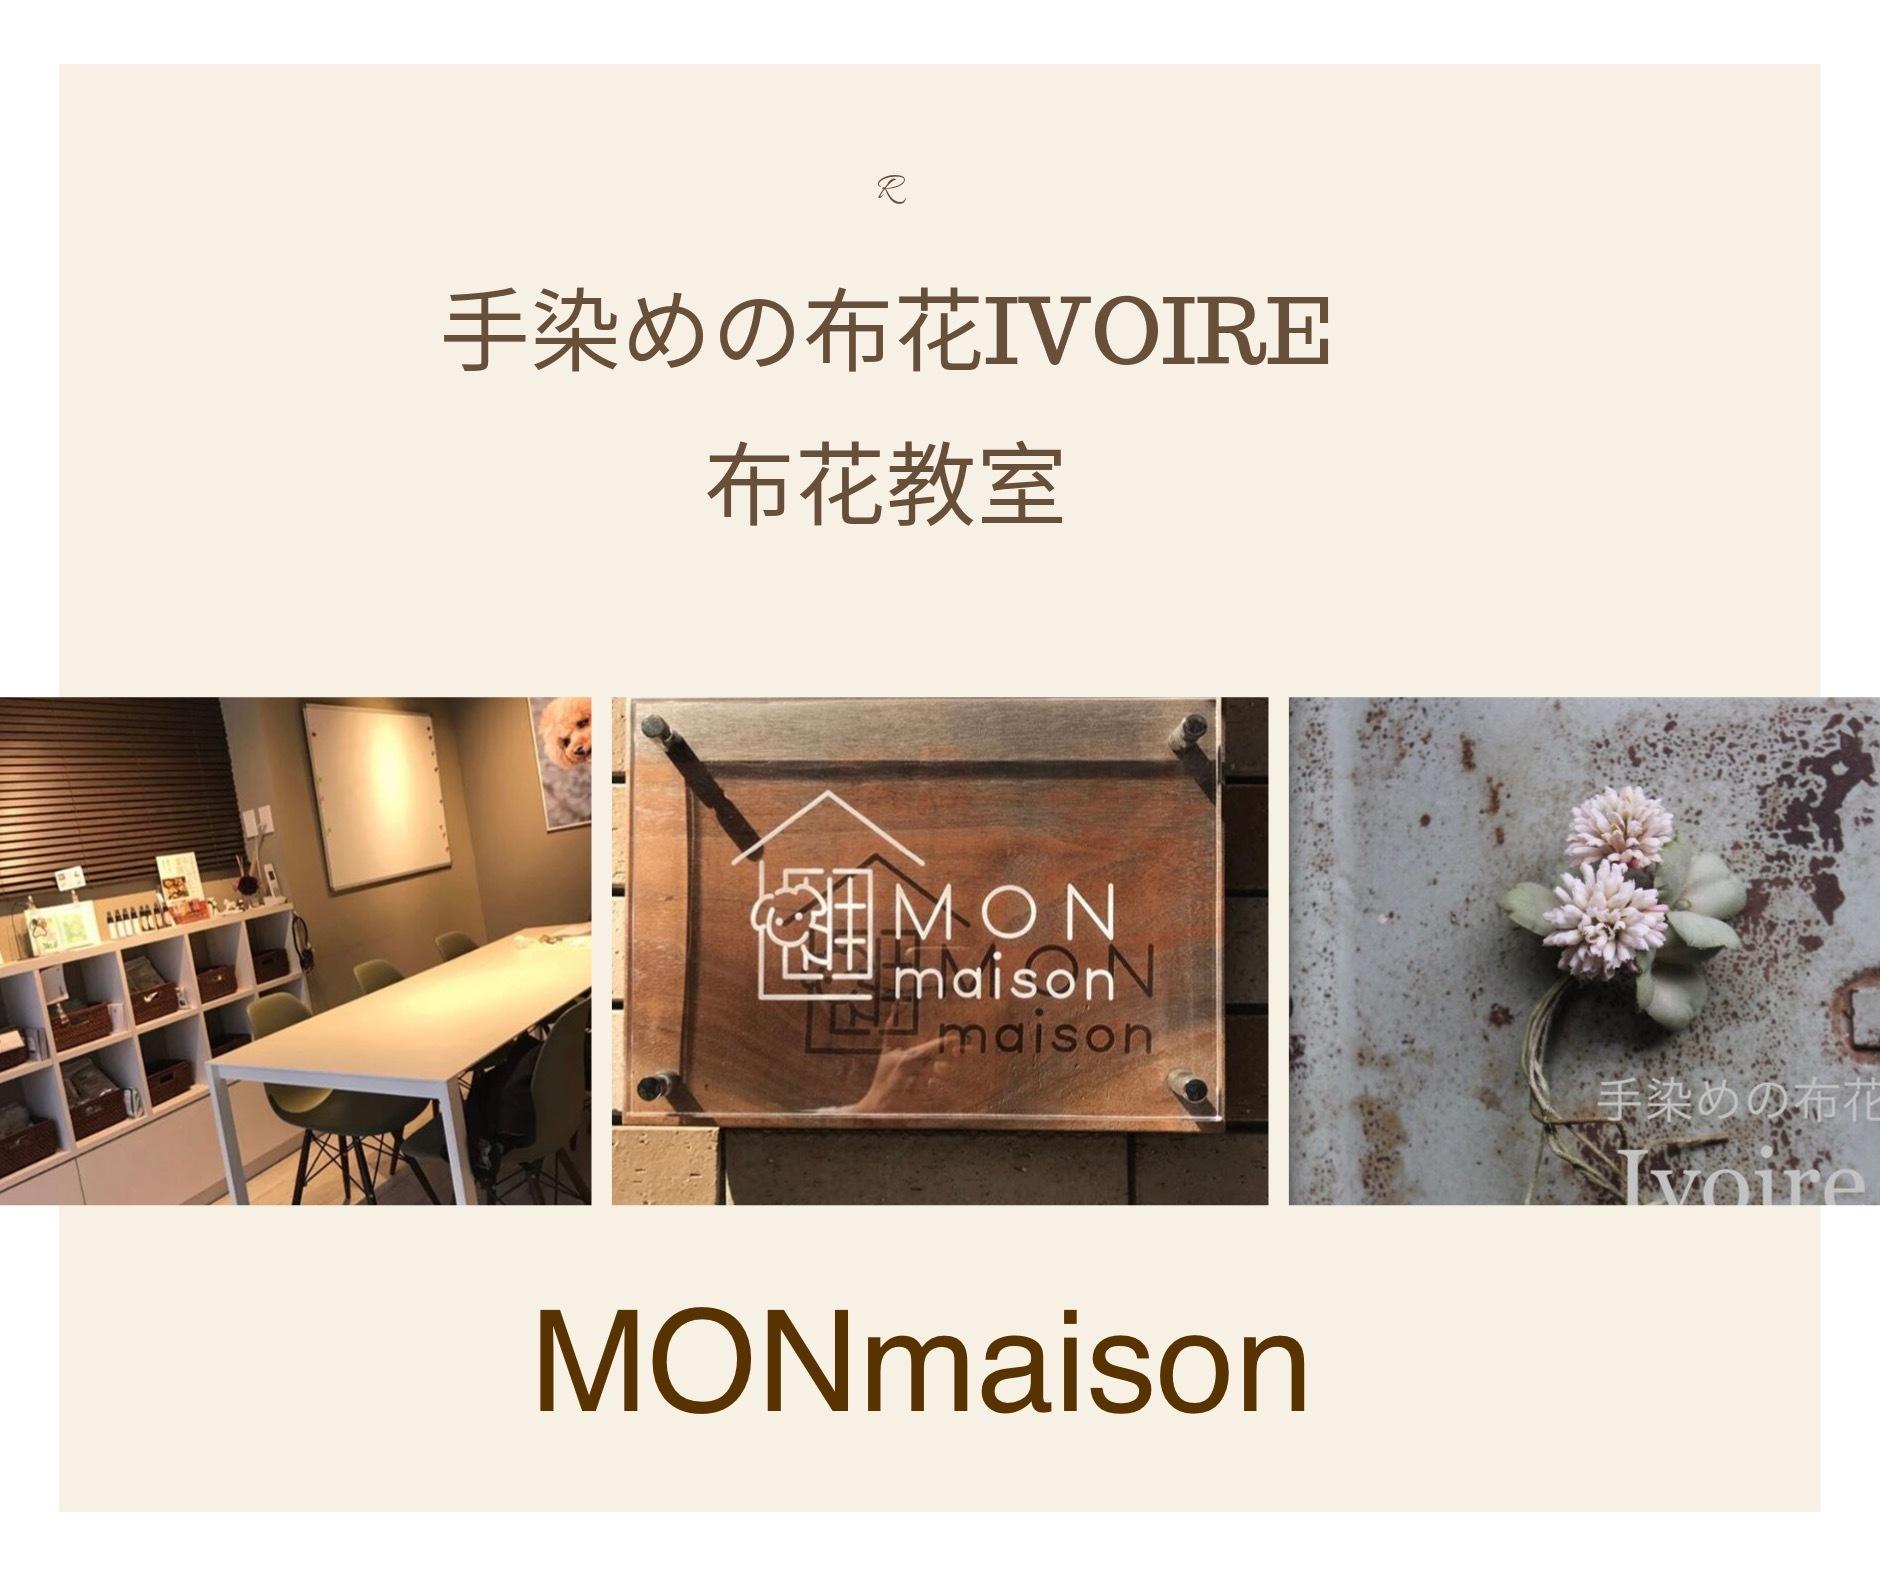 MONmaison  11月日程...♪*゚_f0372557_20052864.jpeg